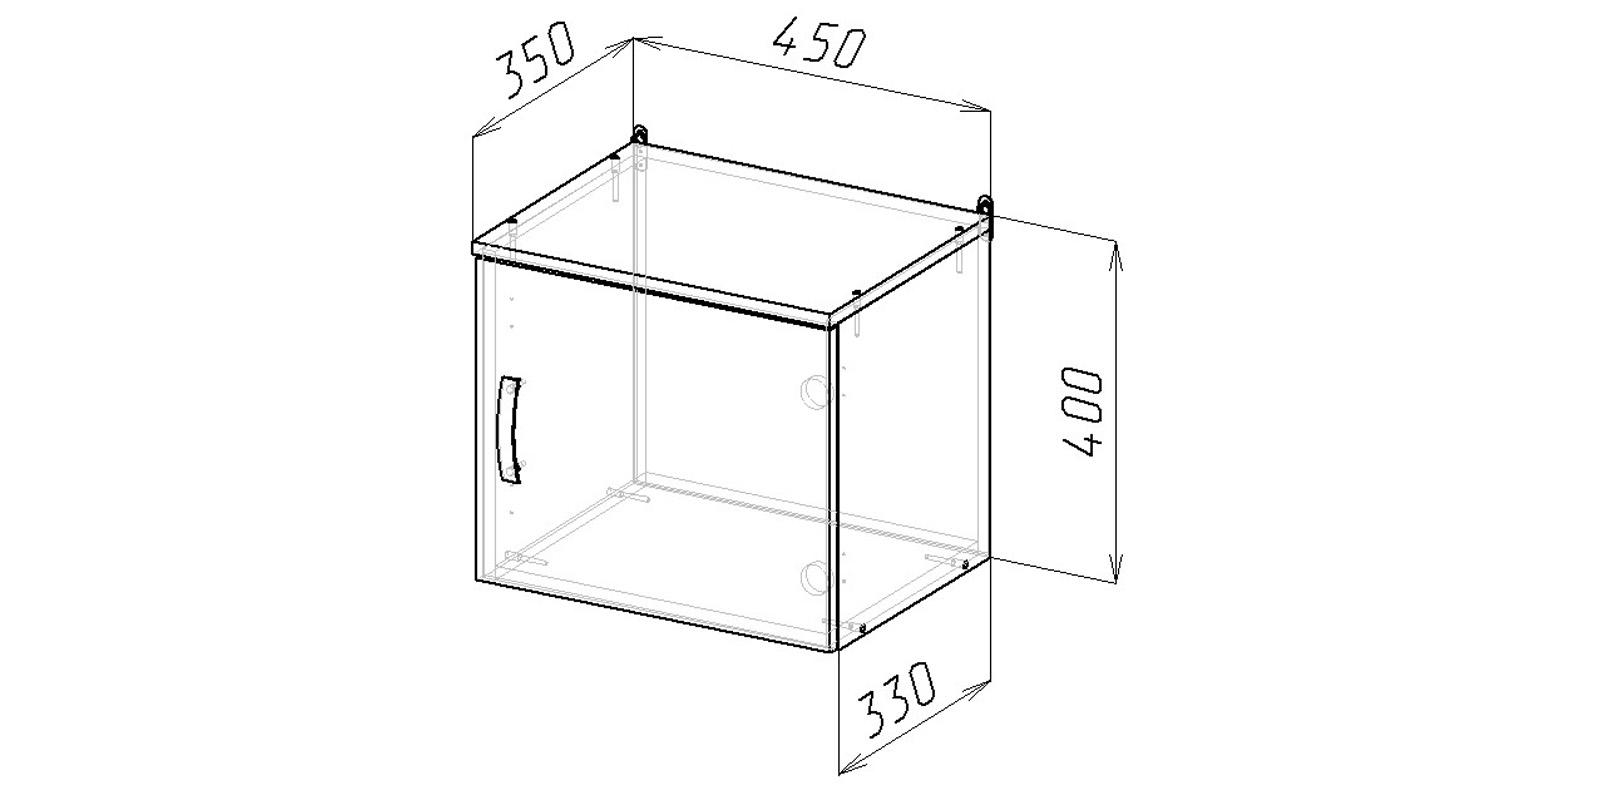 Шкаф навесной Хельга антресоль 45 см (венге/дуб молочный) от HomeMe.ru